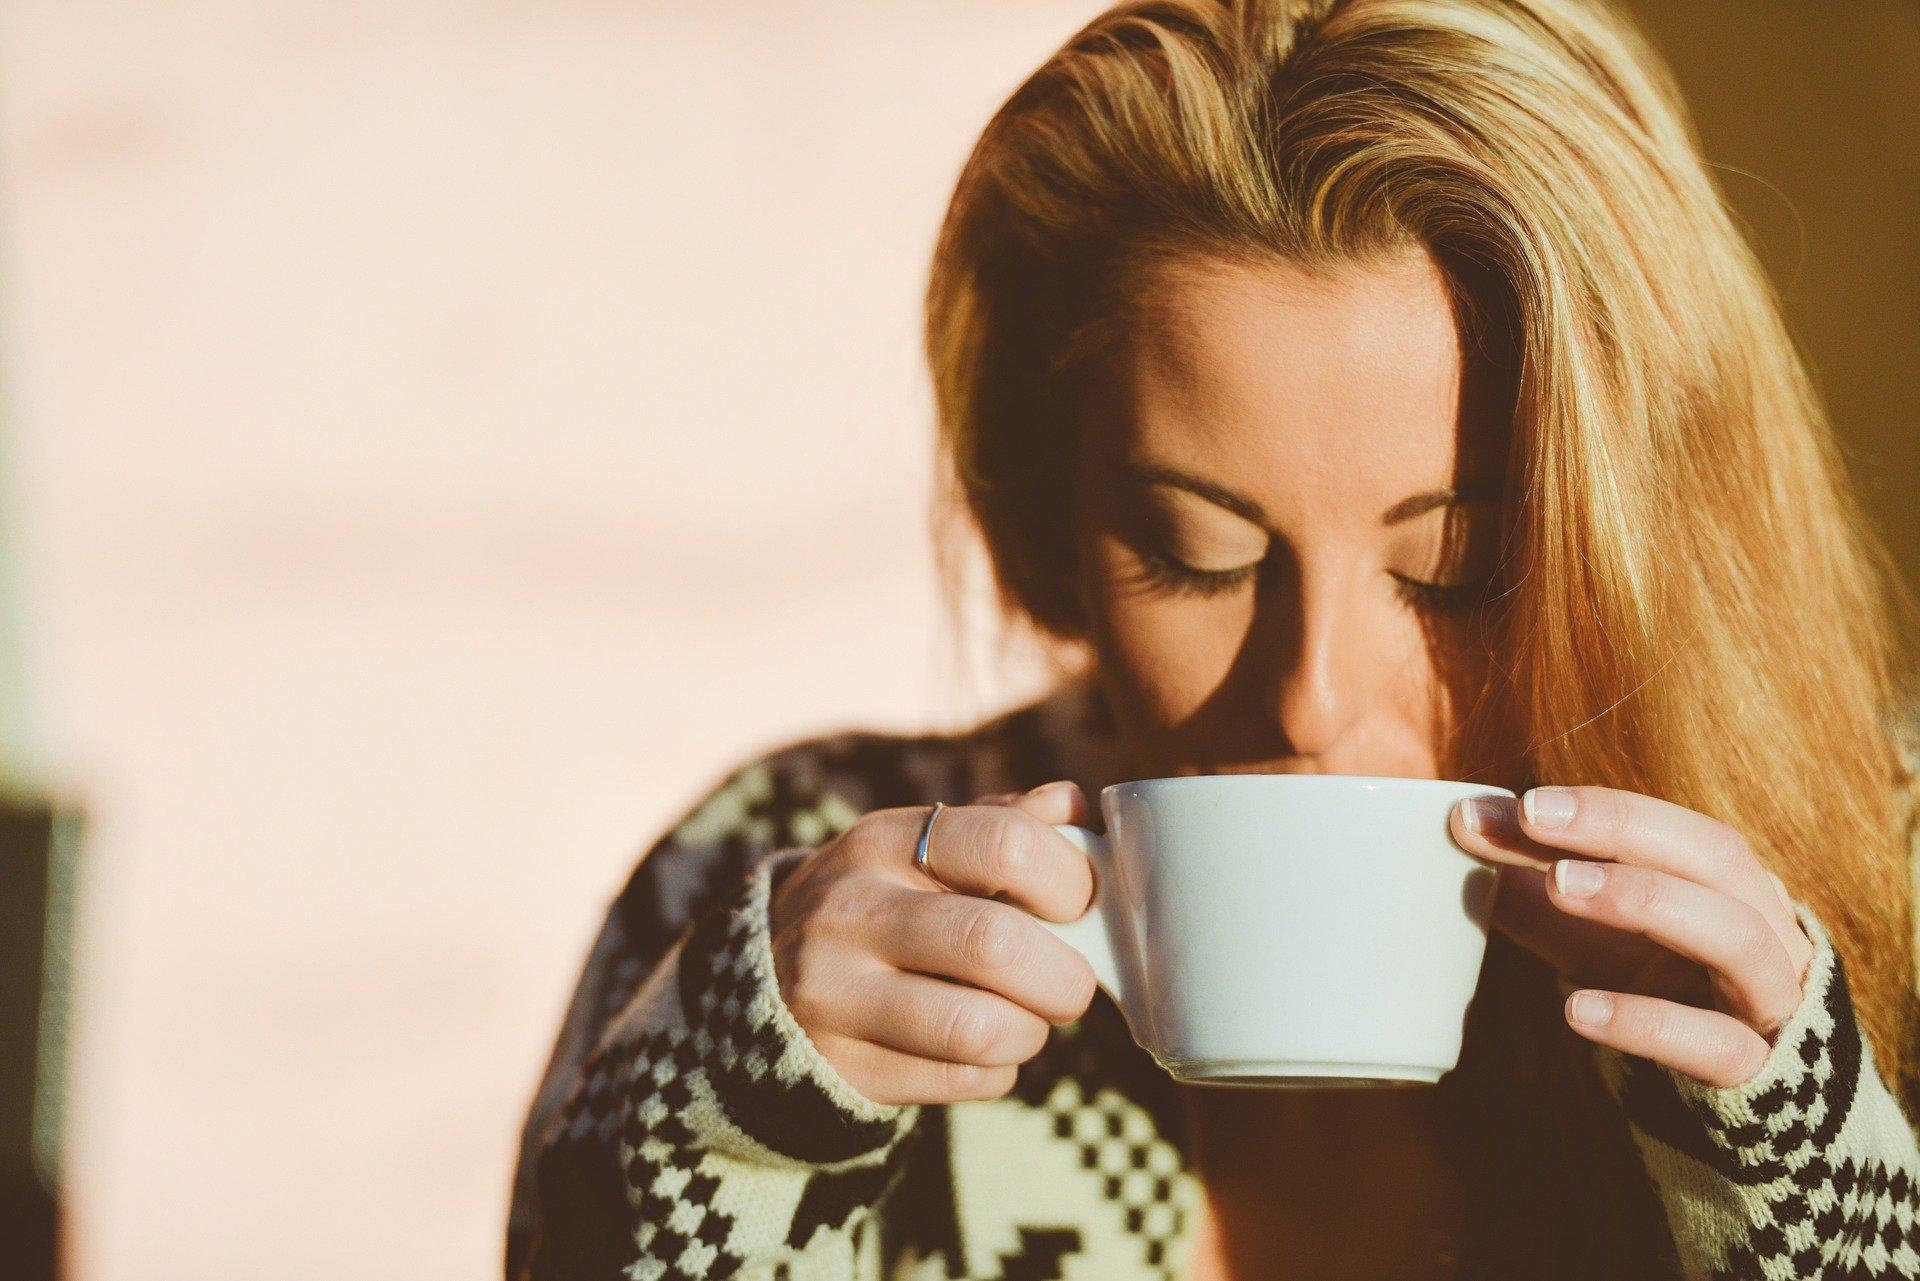 Mulher bebendo café na xícara.